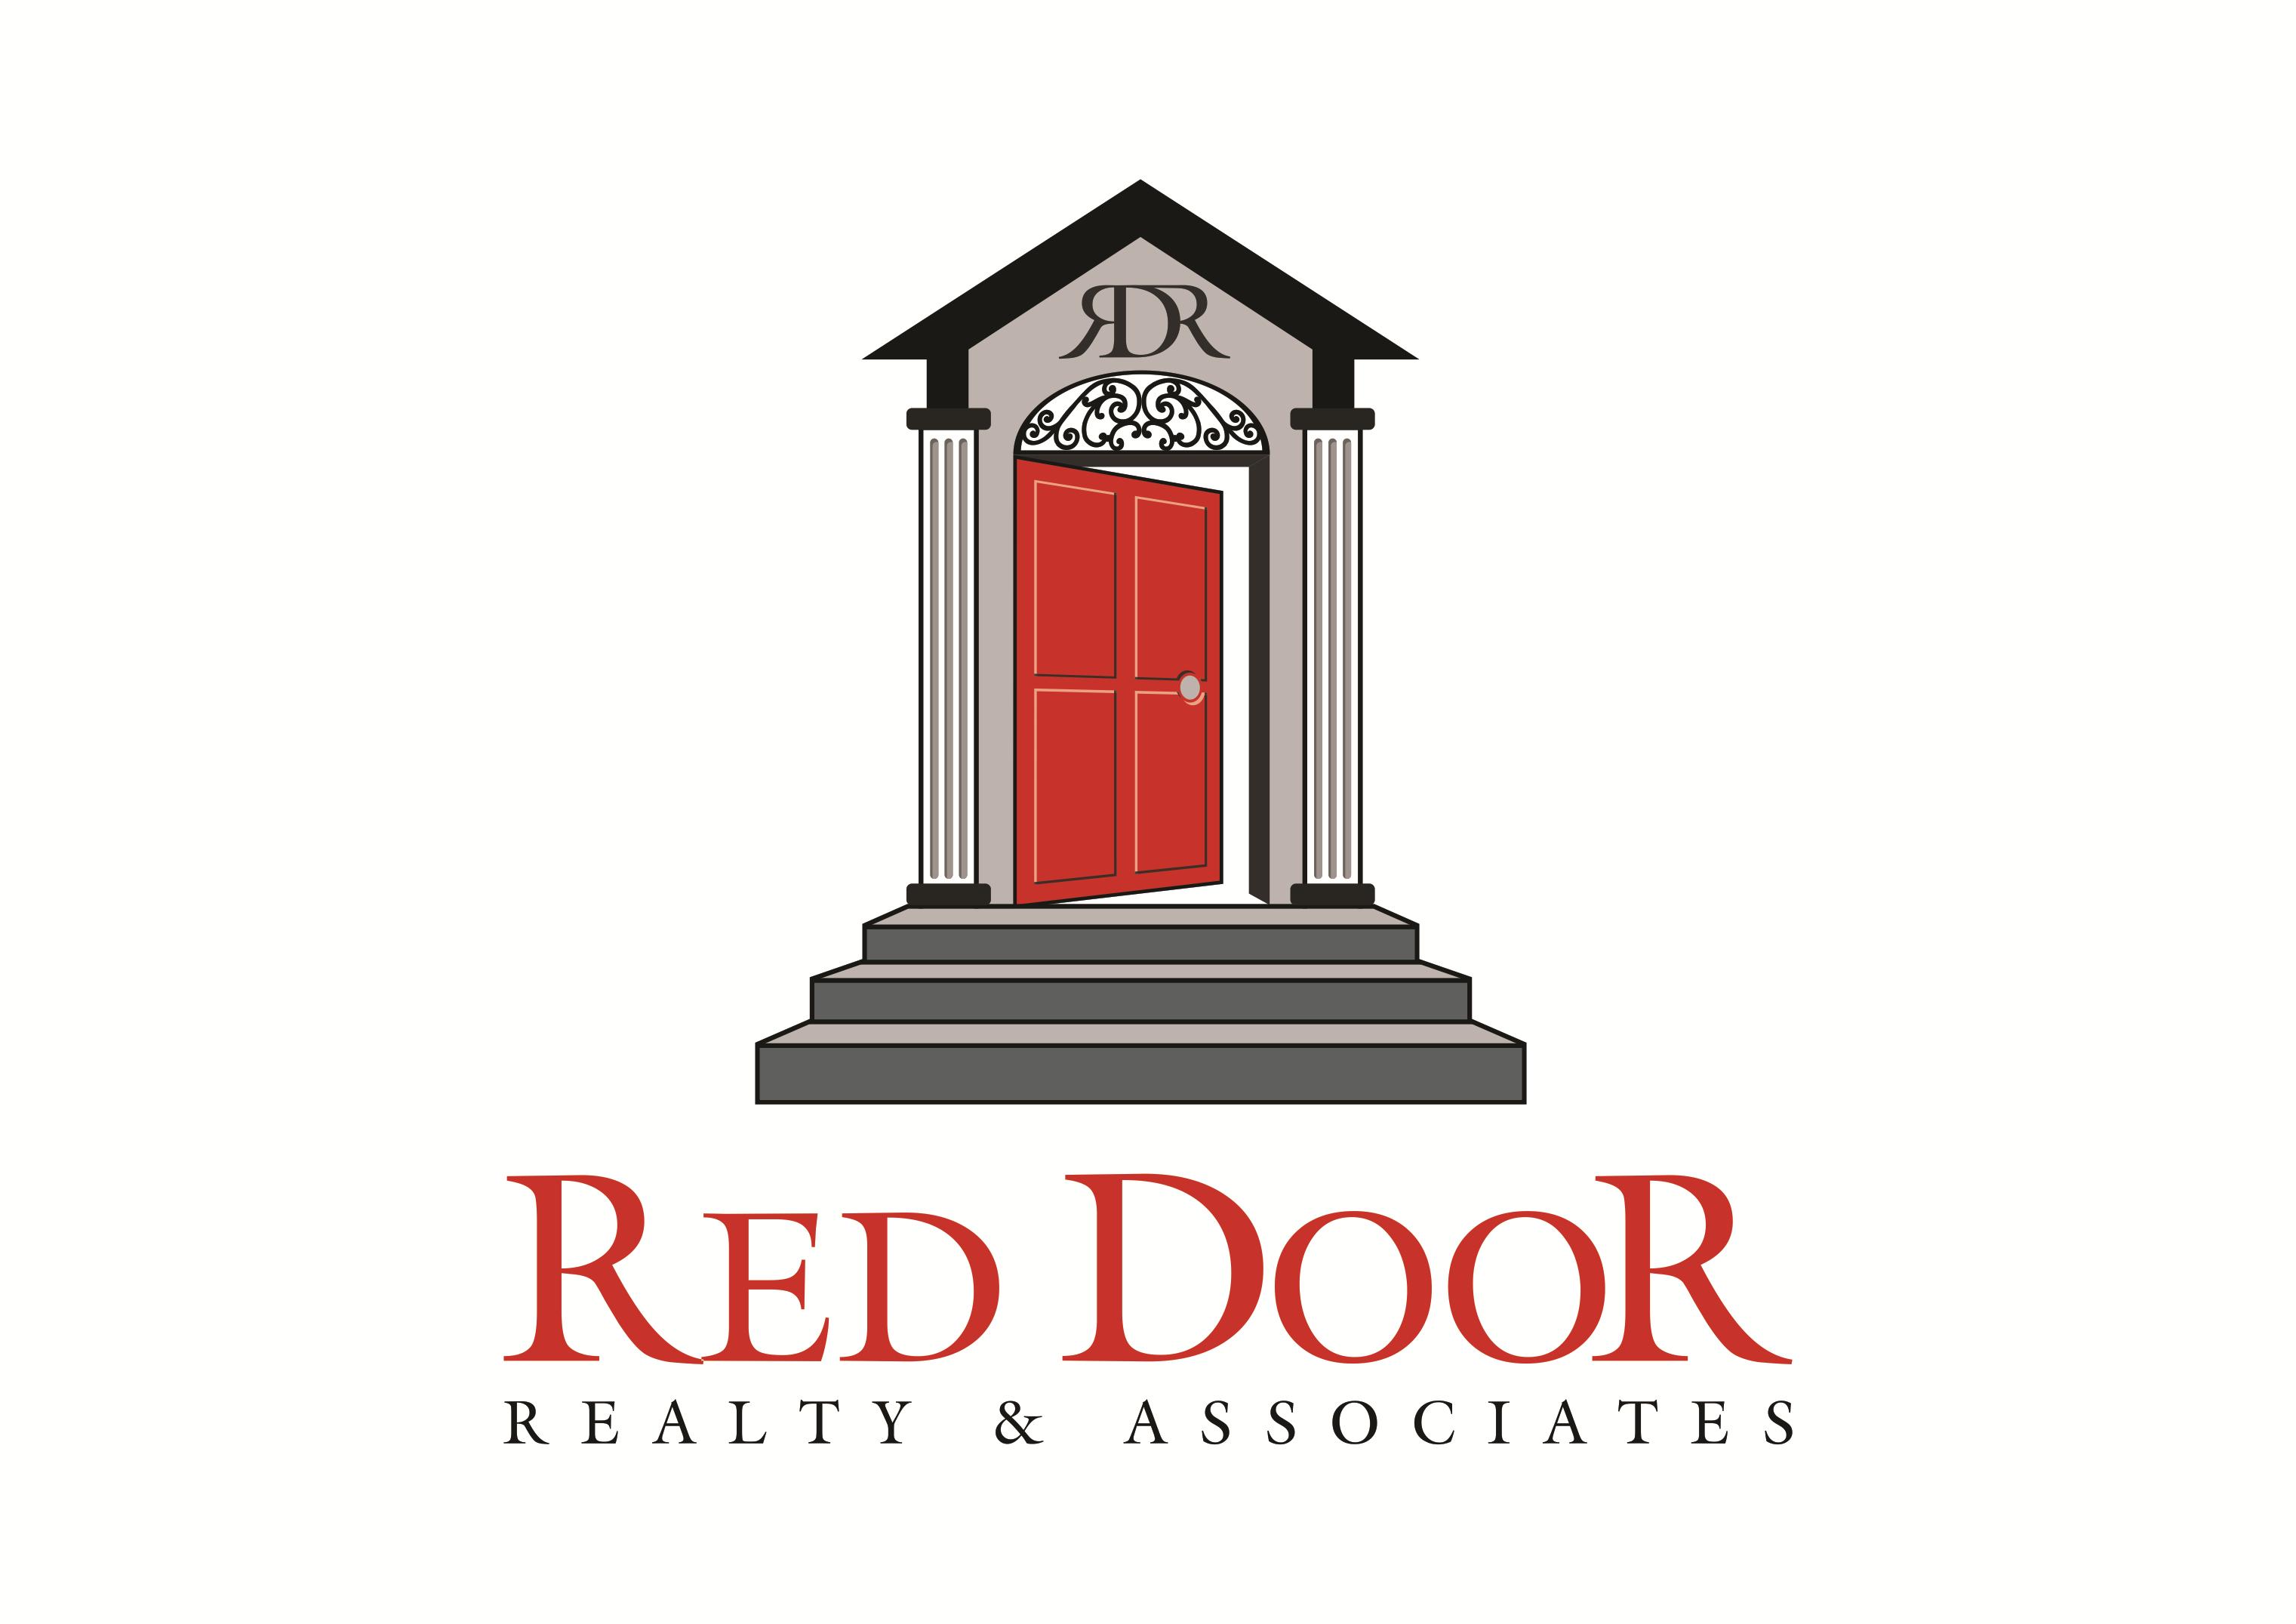 Red Door Realty & Associates logo